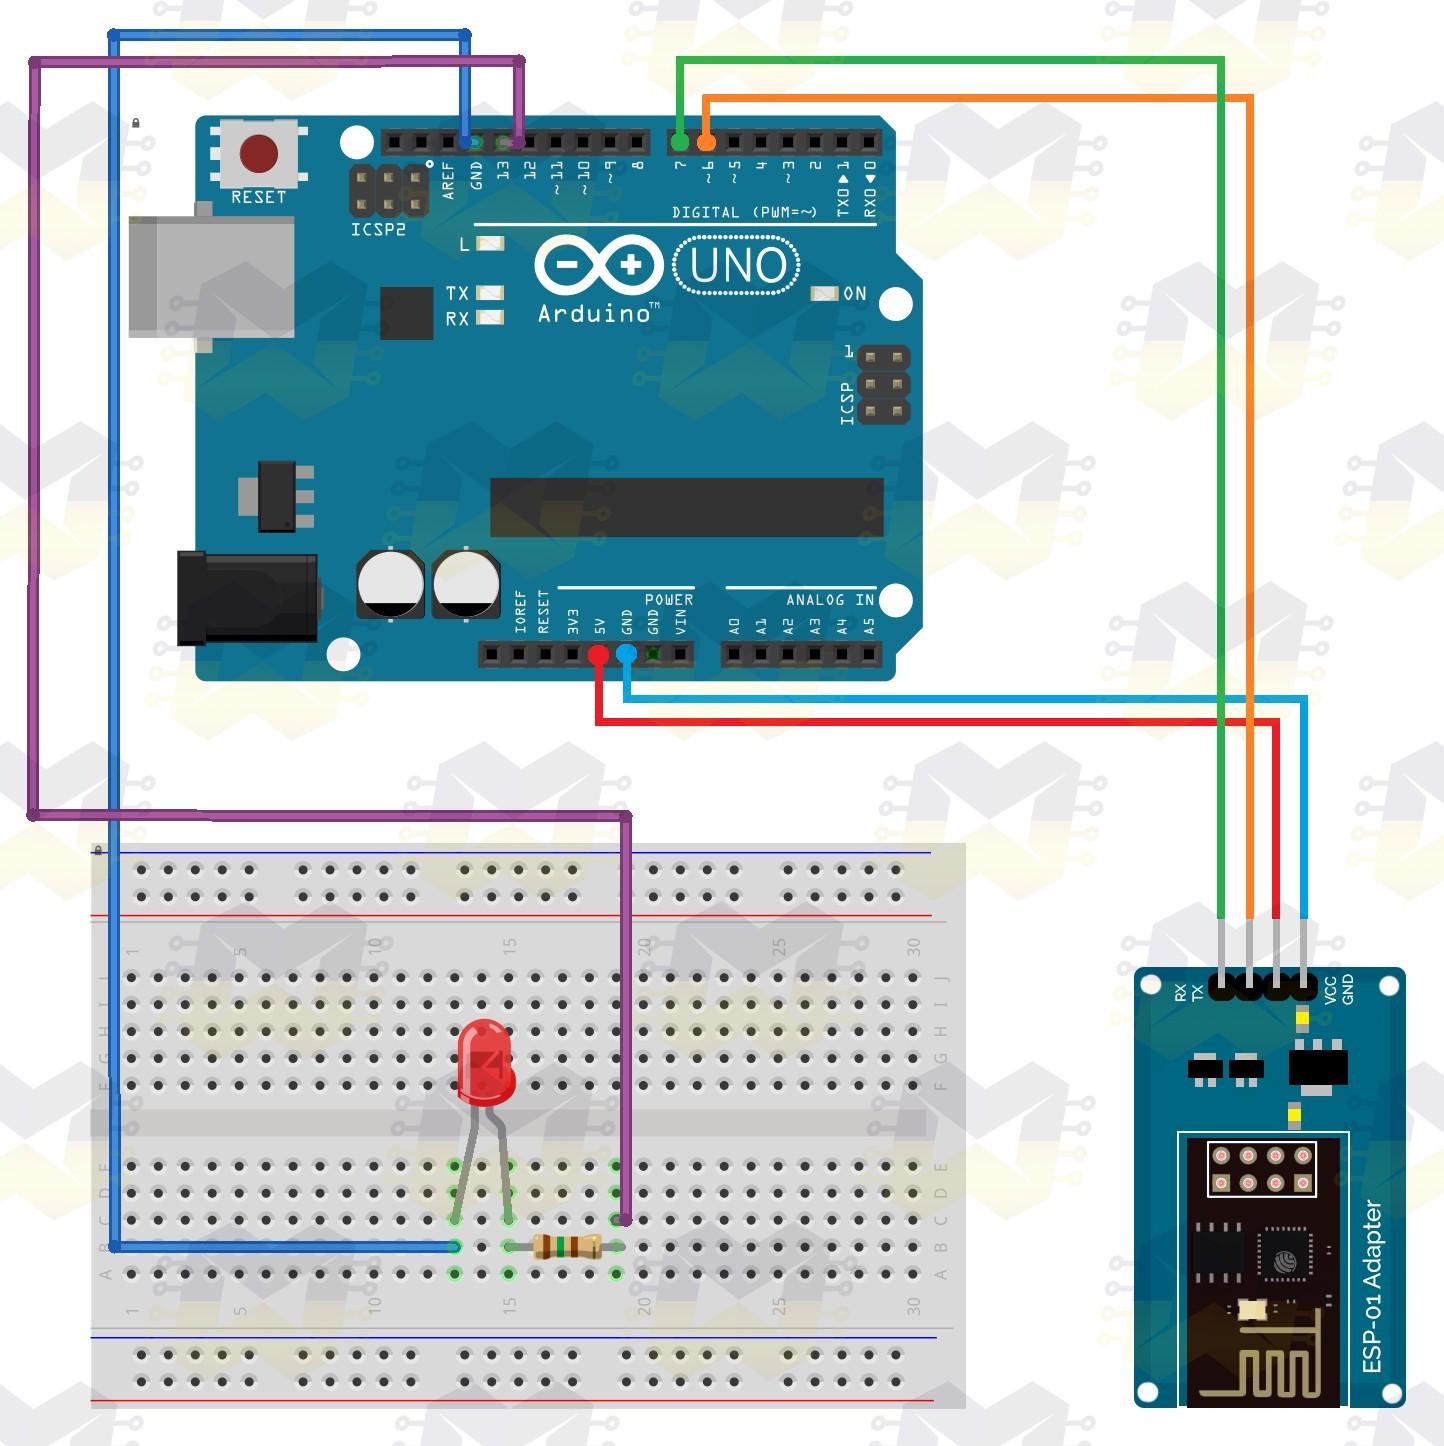 img04_simplificando_conexao_entre_o_modulo_wifi_esp8266_esp-01_arduino_adaptador_3.3v_5v_rx_tx_ams1117_uno_nano_mega_due